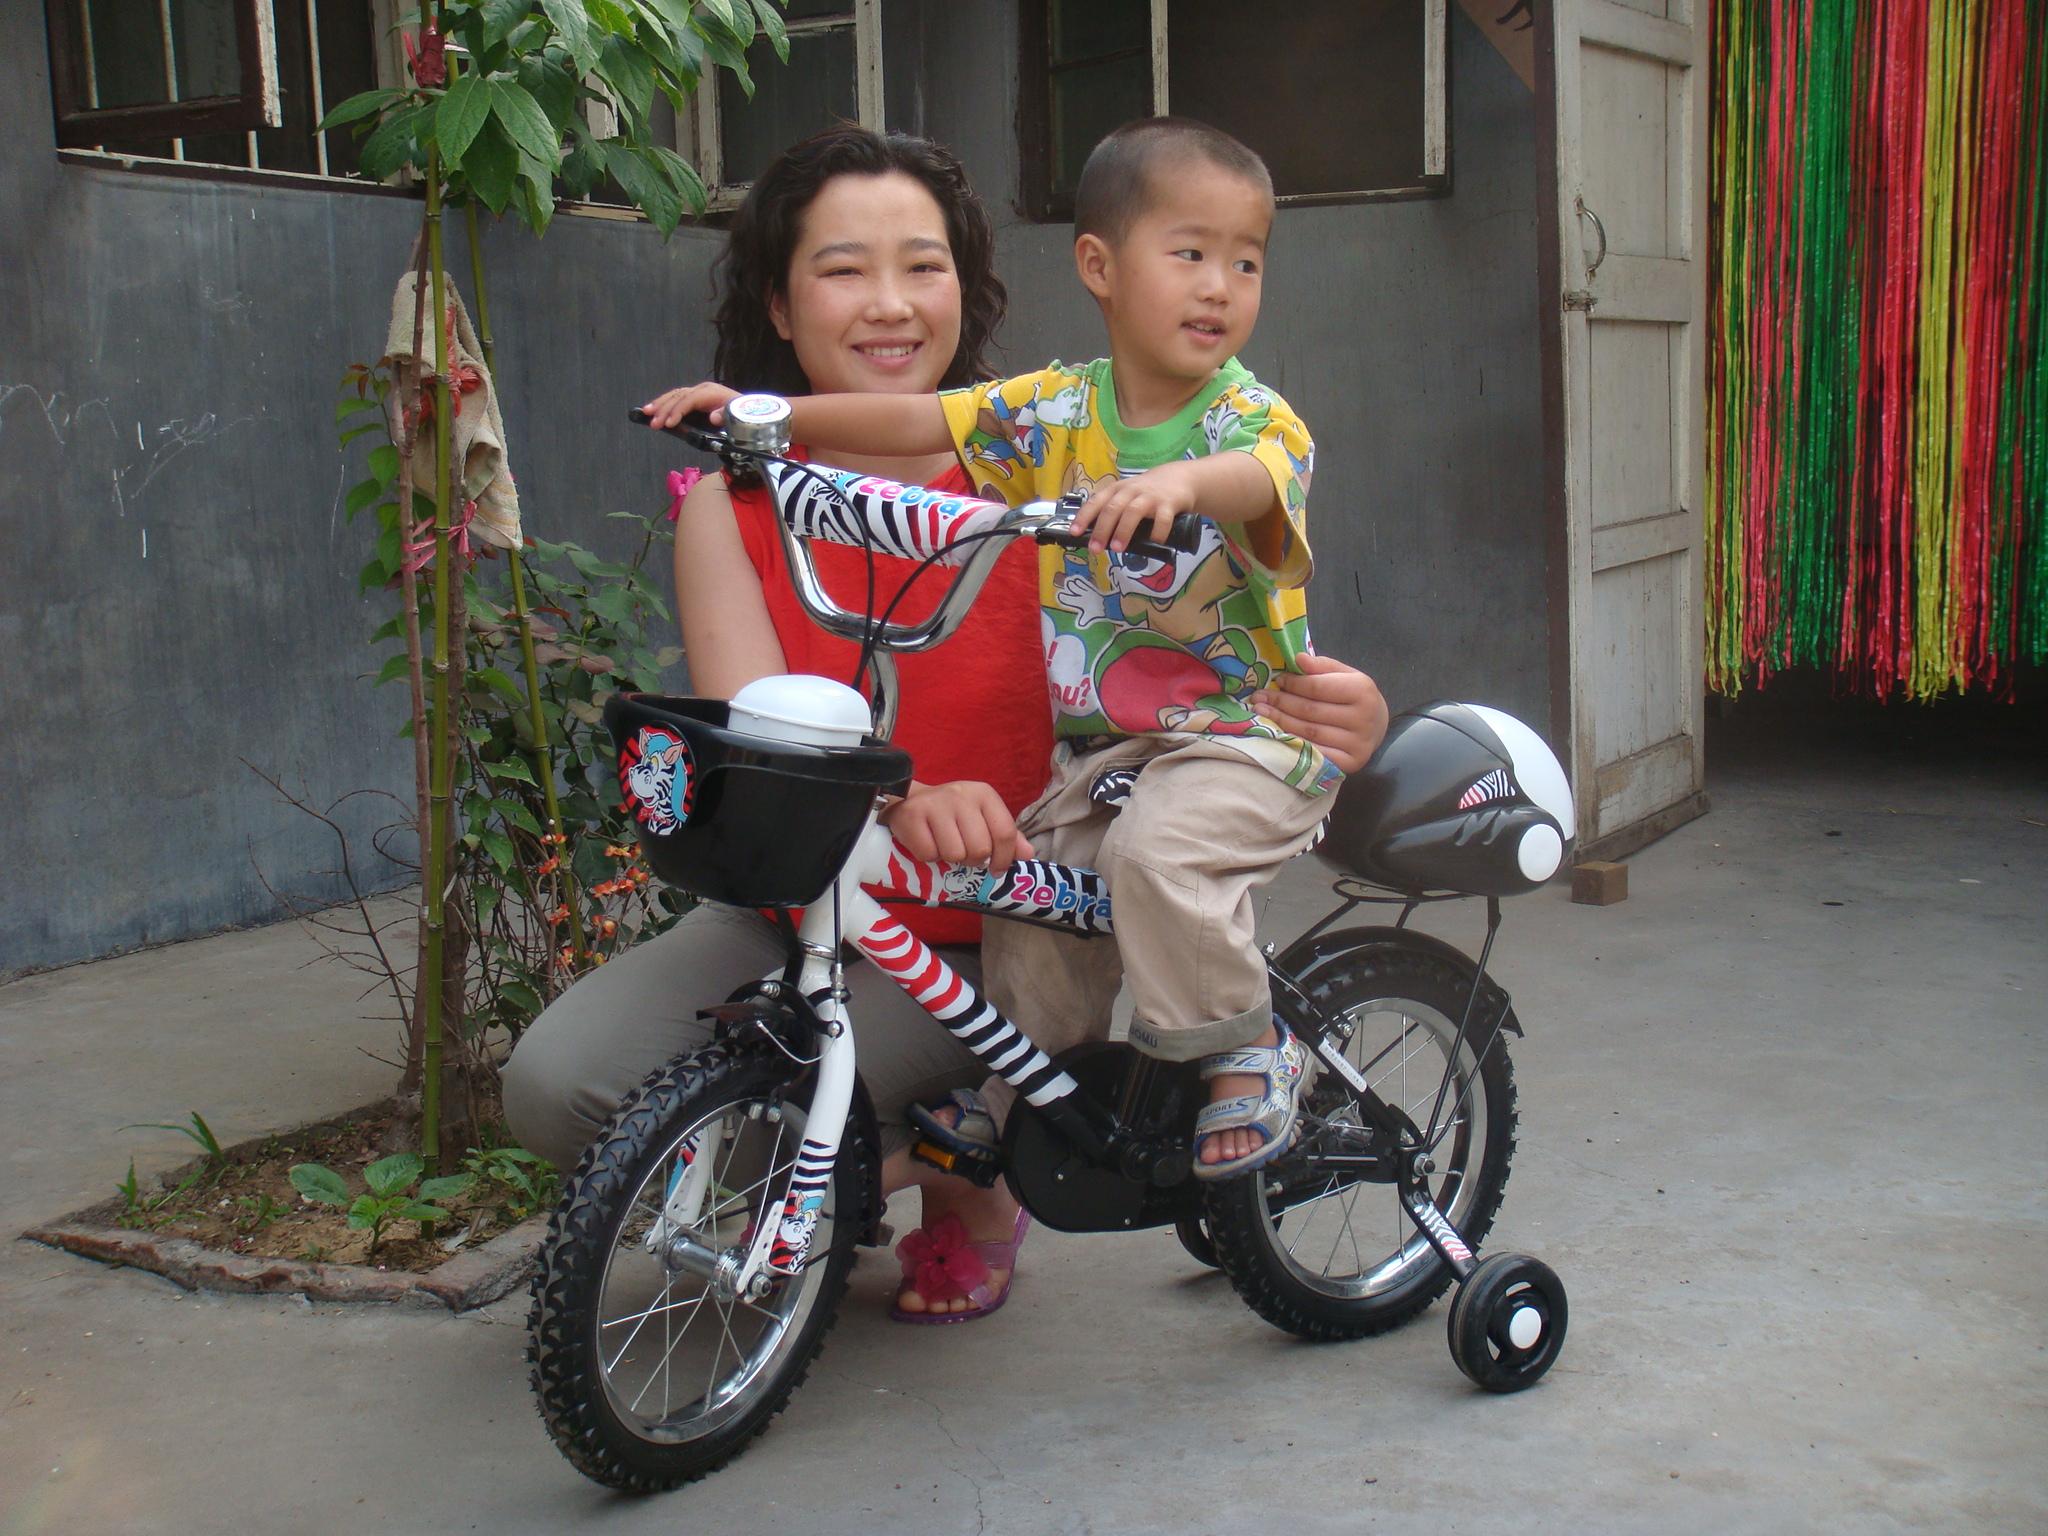 哥哥/这是妈妈送给哥哥的礼物,哥哥骑上去帅吧,不过哥哥还是个胆小...